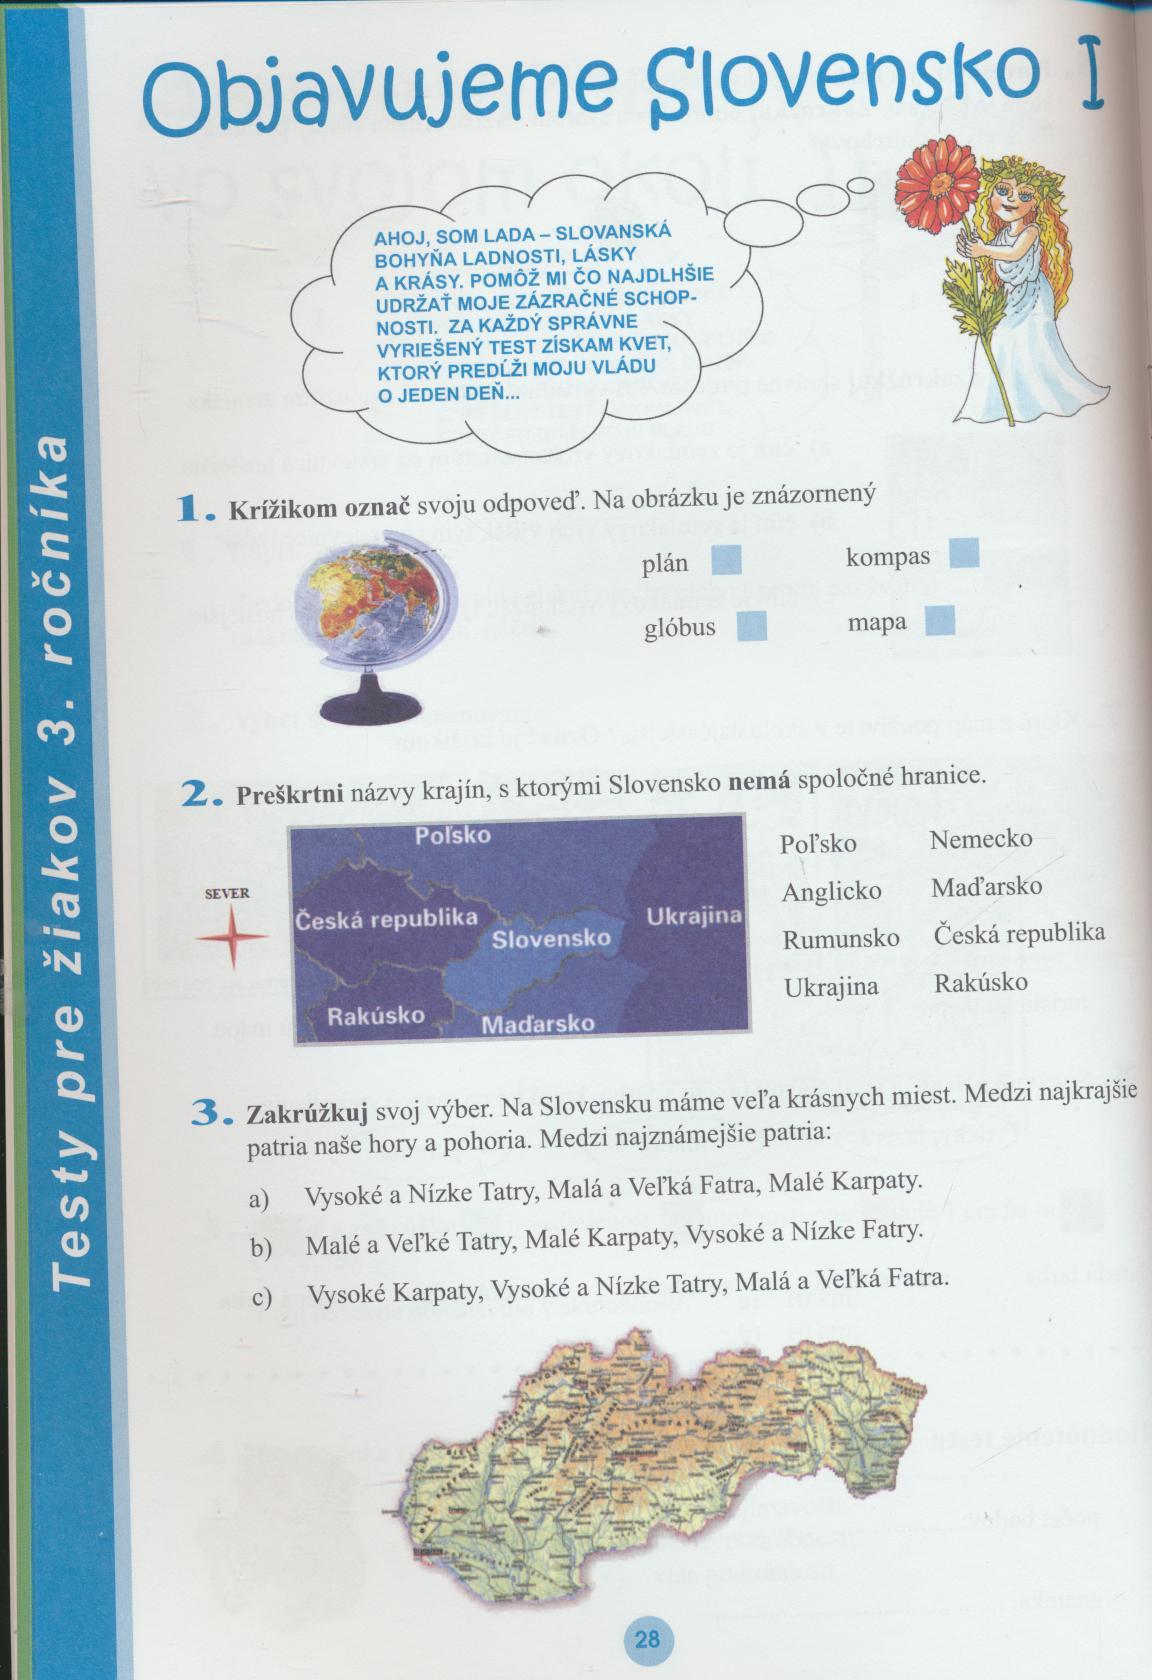 - Testy z vlastivedy pre žiakov 2. a 3. ročníka základných škô